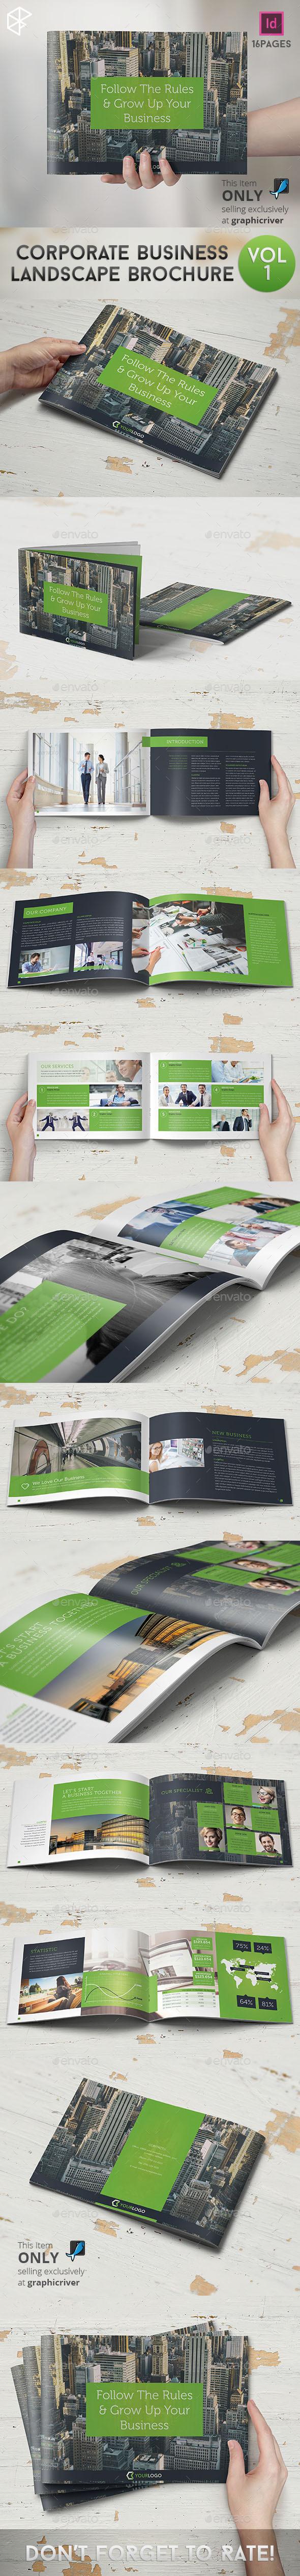 Corporate Business Landscape Brochure - Corporate Brochures